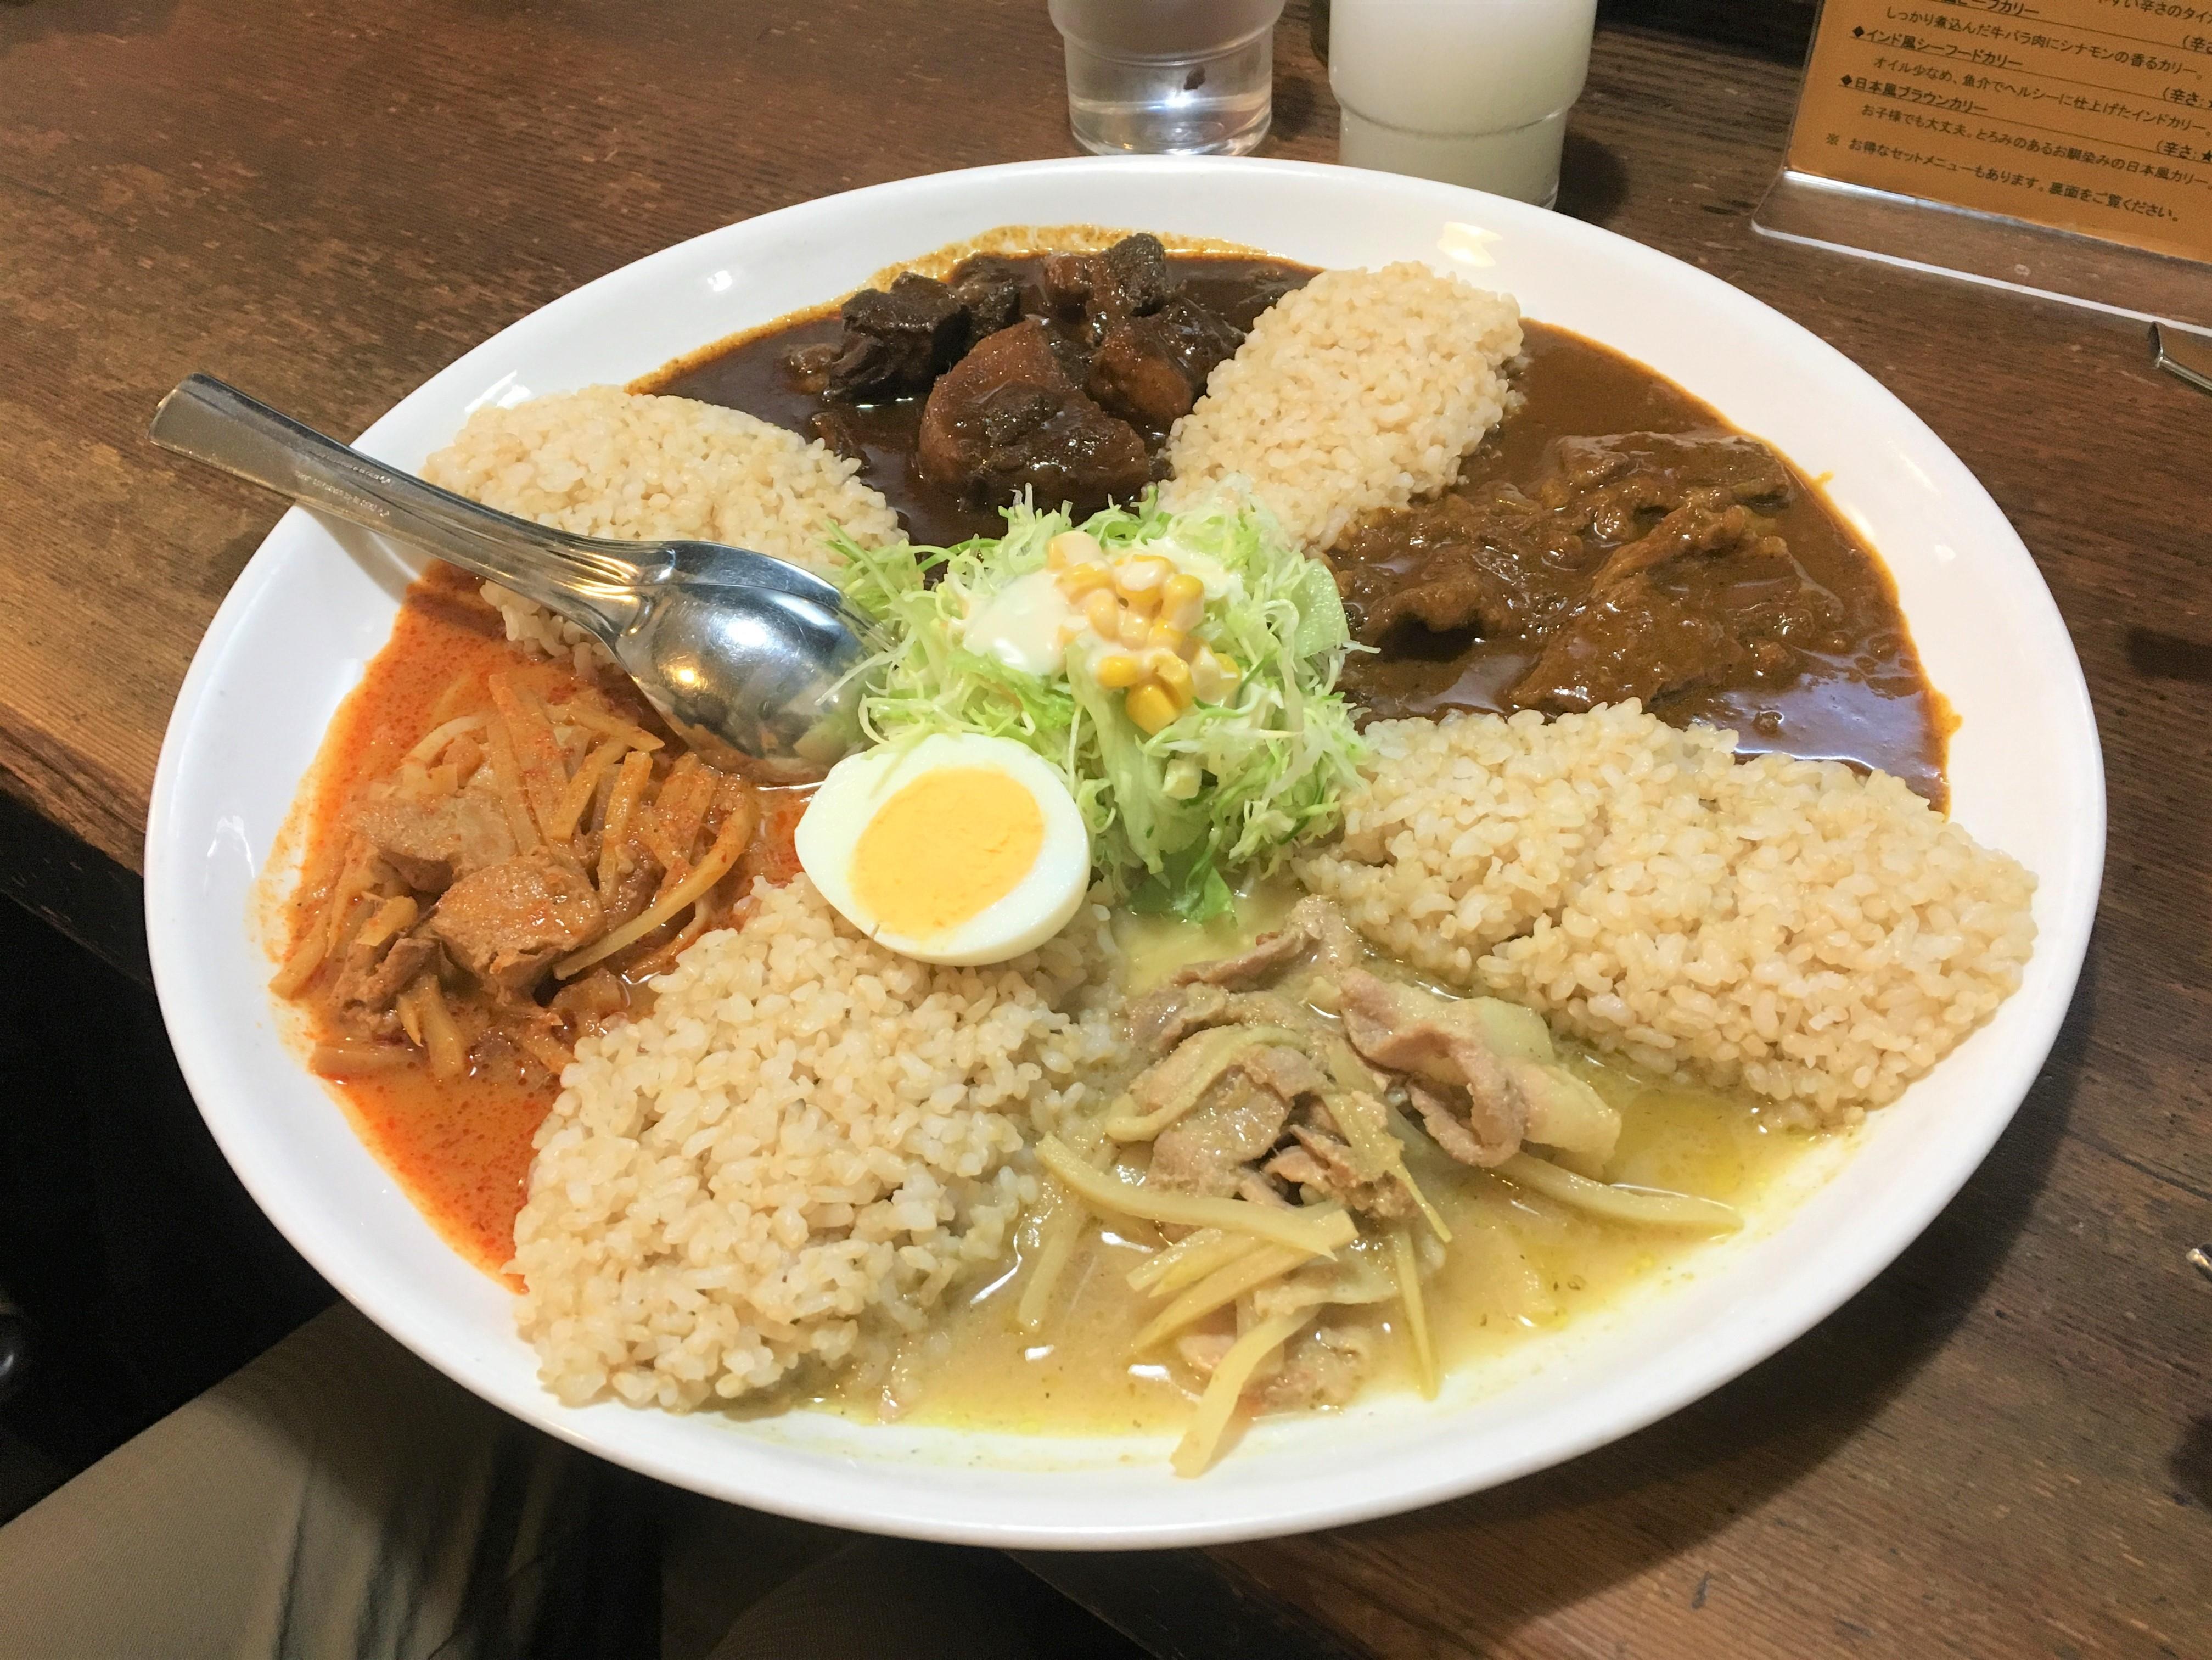 「エスニックカリー メーヤウ」松本市|タイやインドなど多国籍な本格カレーが美味しい。